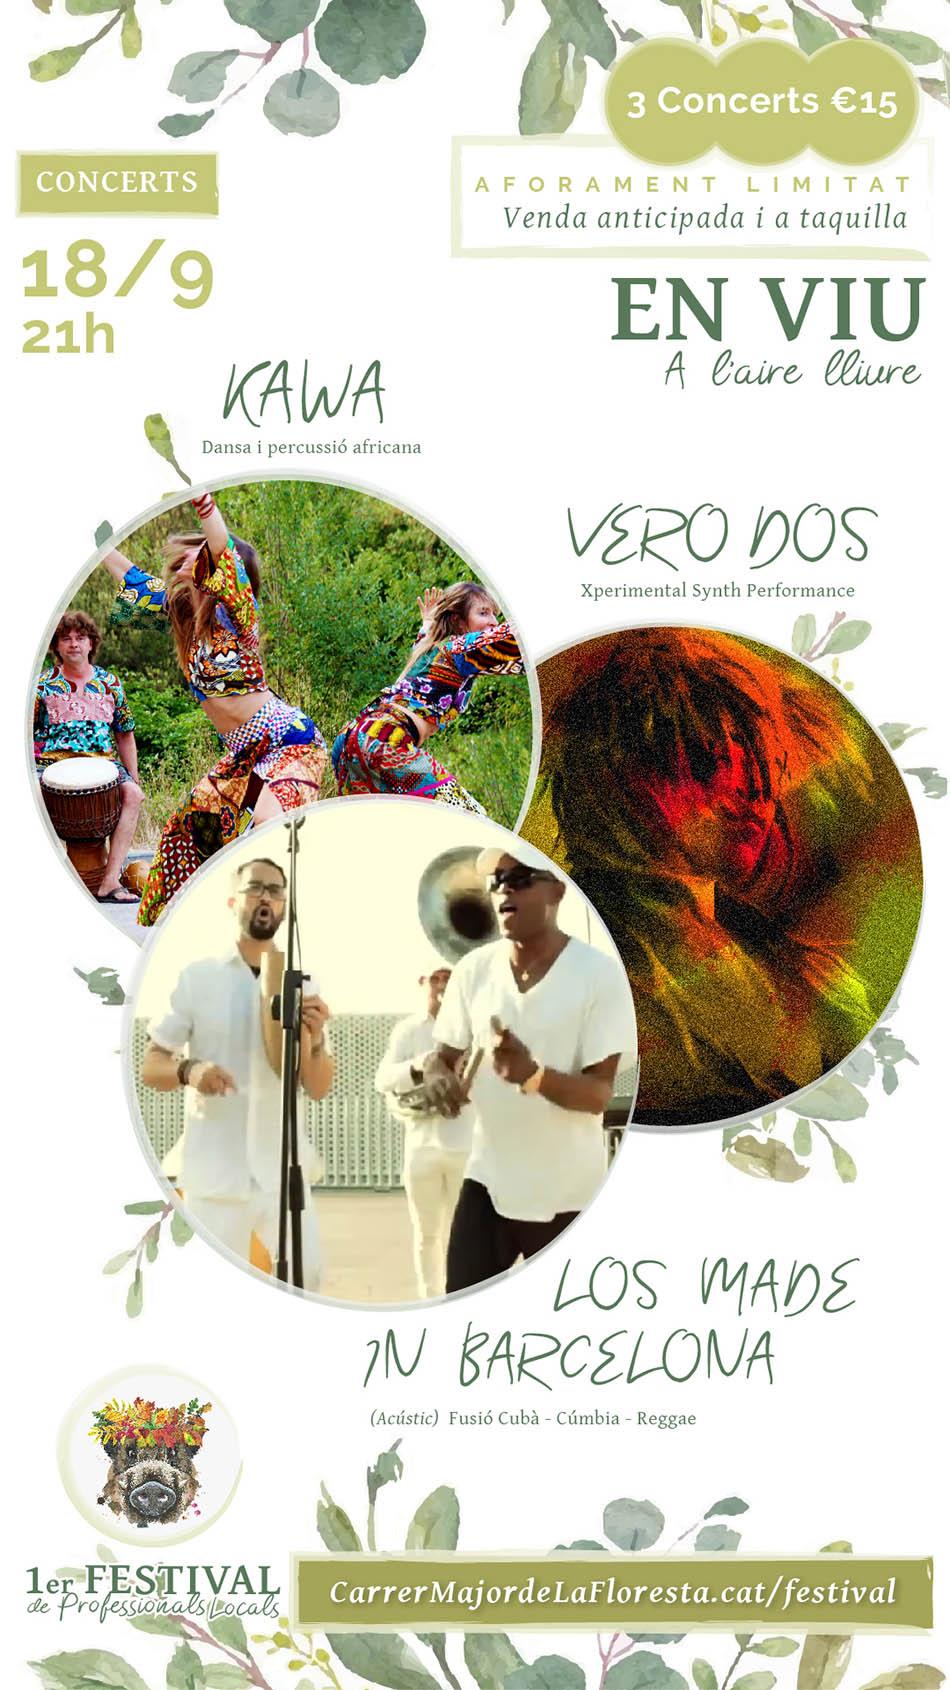 Venta de entradas para los conciertos del 1er Festival de Professionals Locals